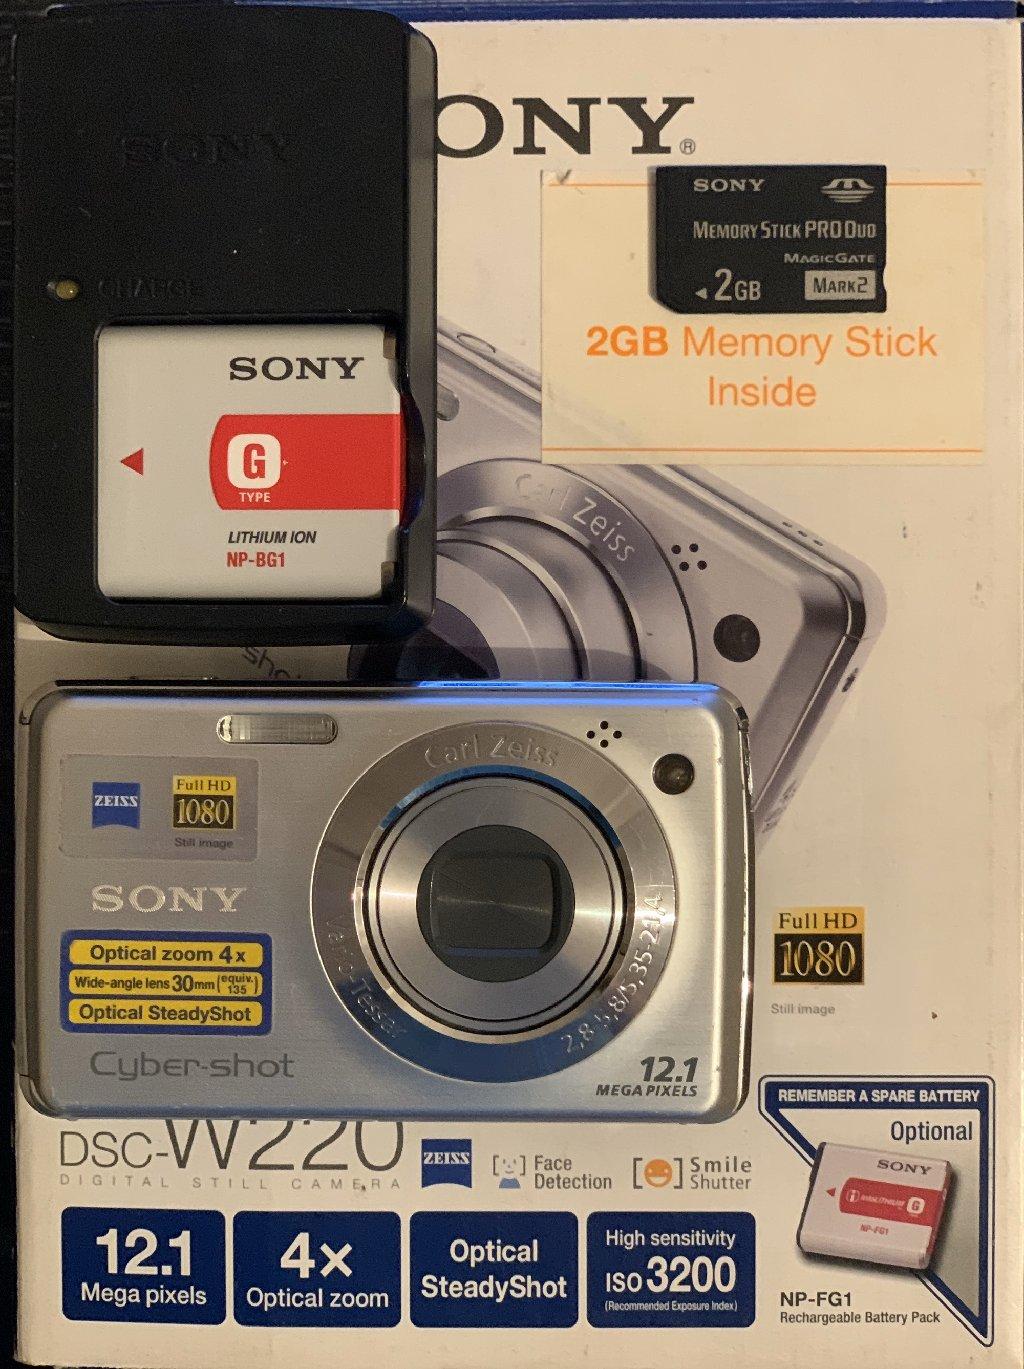 Sony fotoapparat 12,1 mega pixels, ela ve tam iwlek veziyyetde